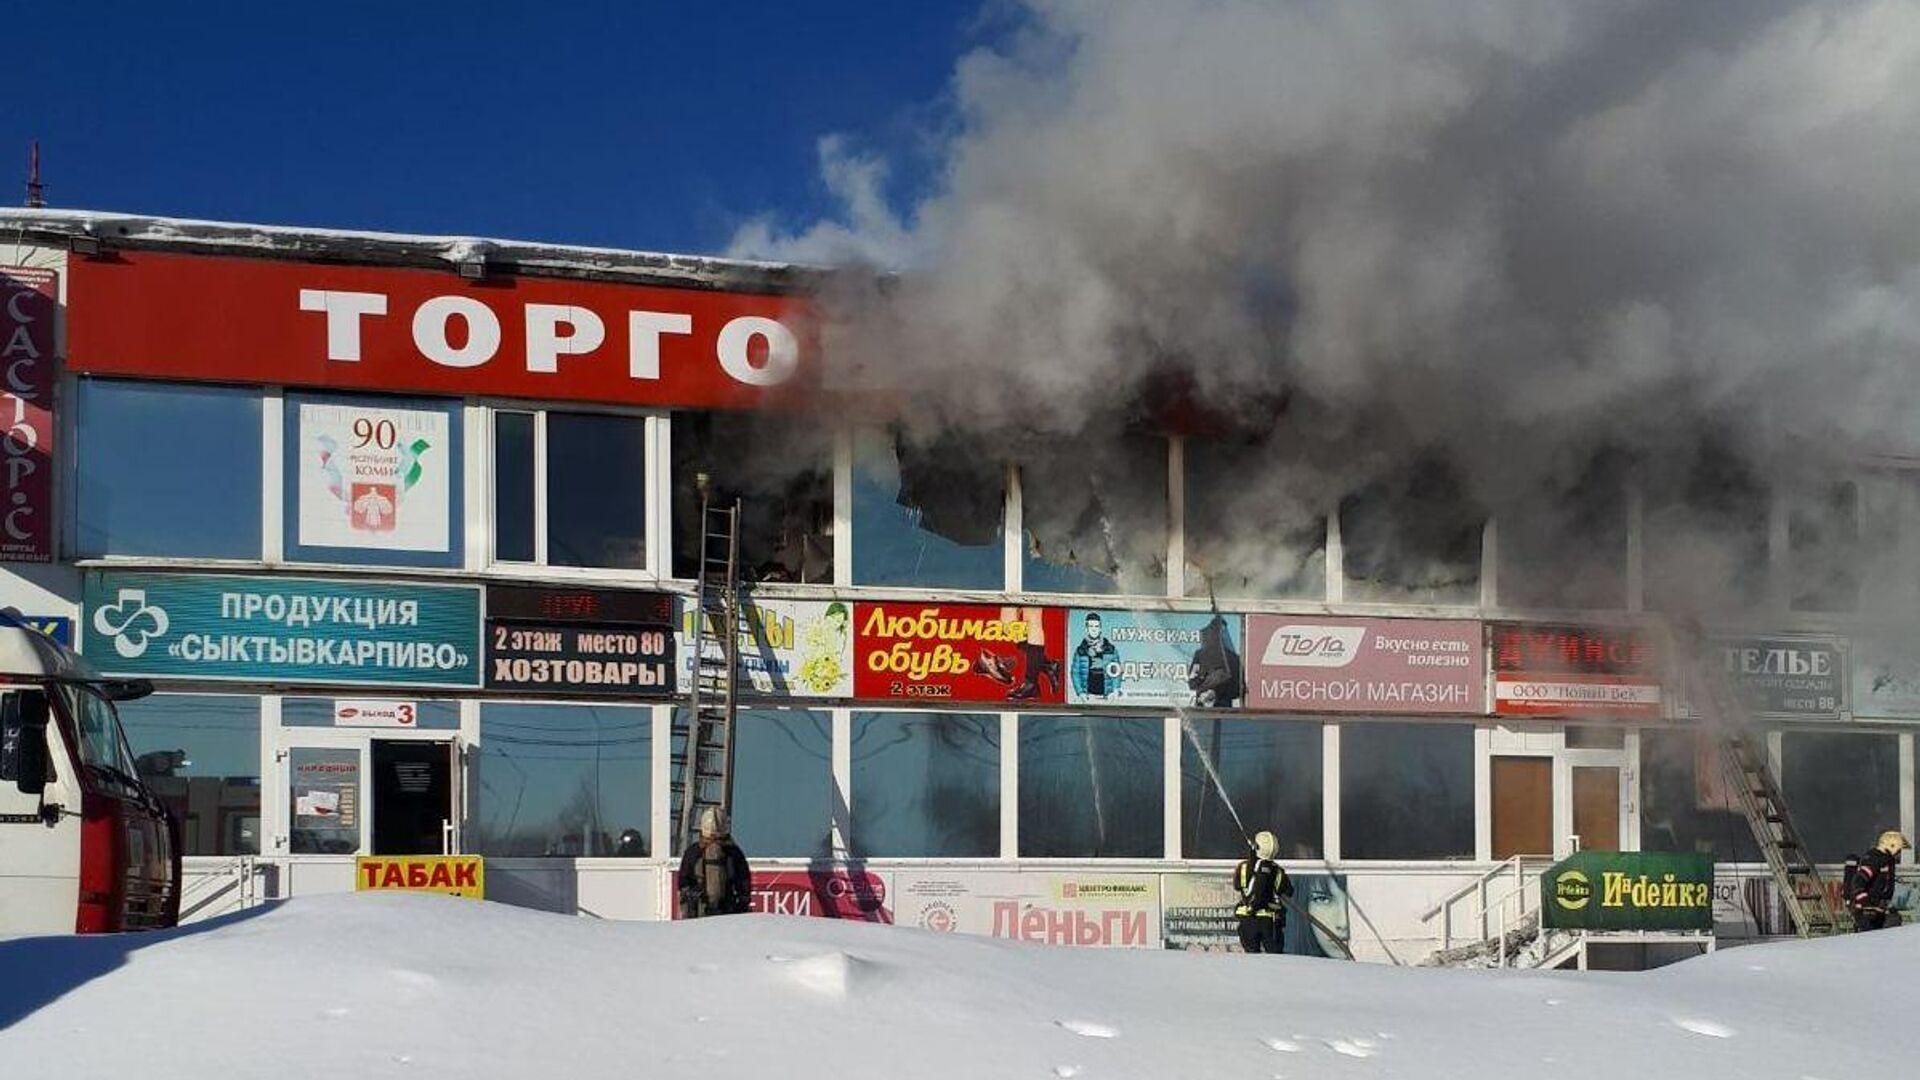 Пожар в павильоне здания ТЦ Народный в Сыктывкаре - РИА Новости, 1920, 13.03.2021